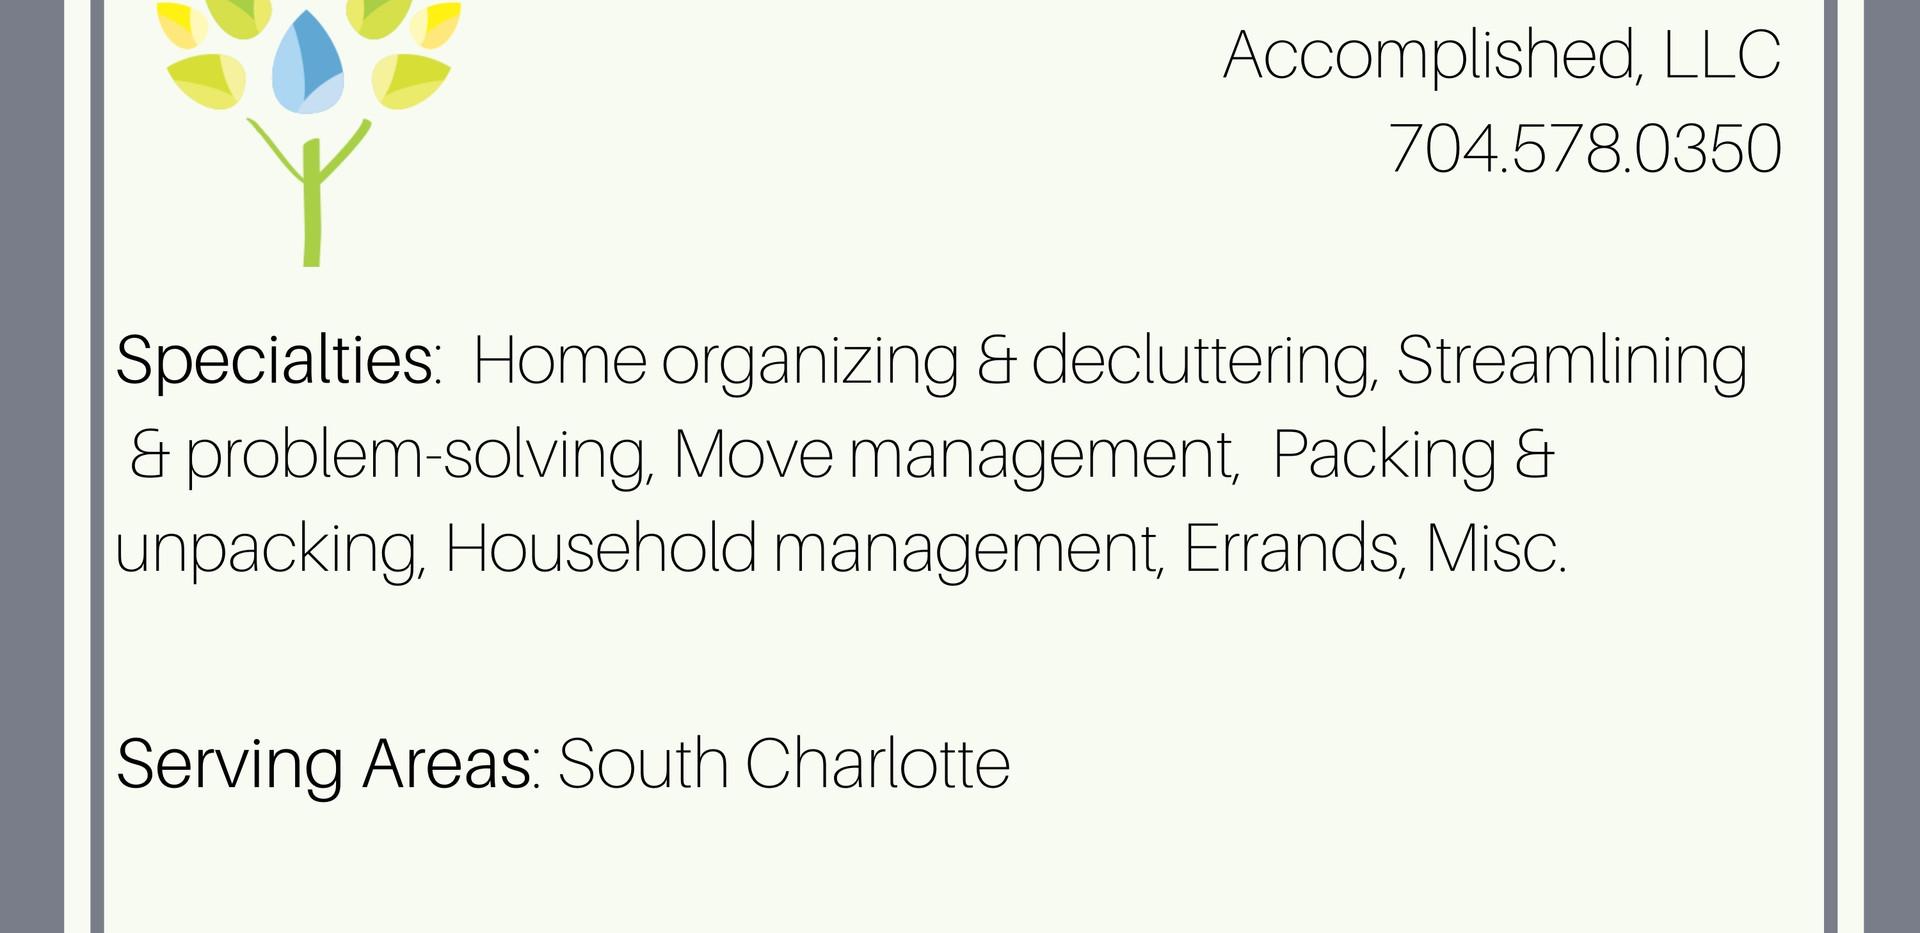 Accomplished, LLC